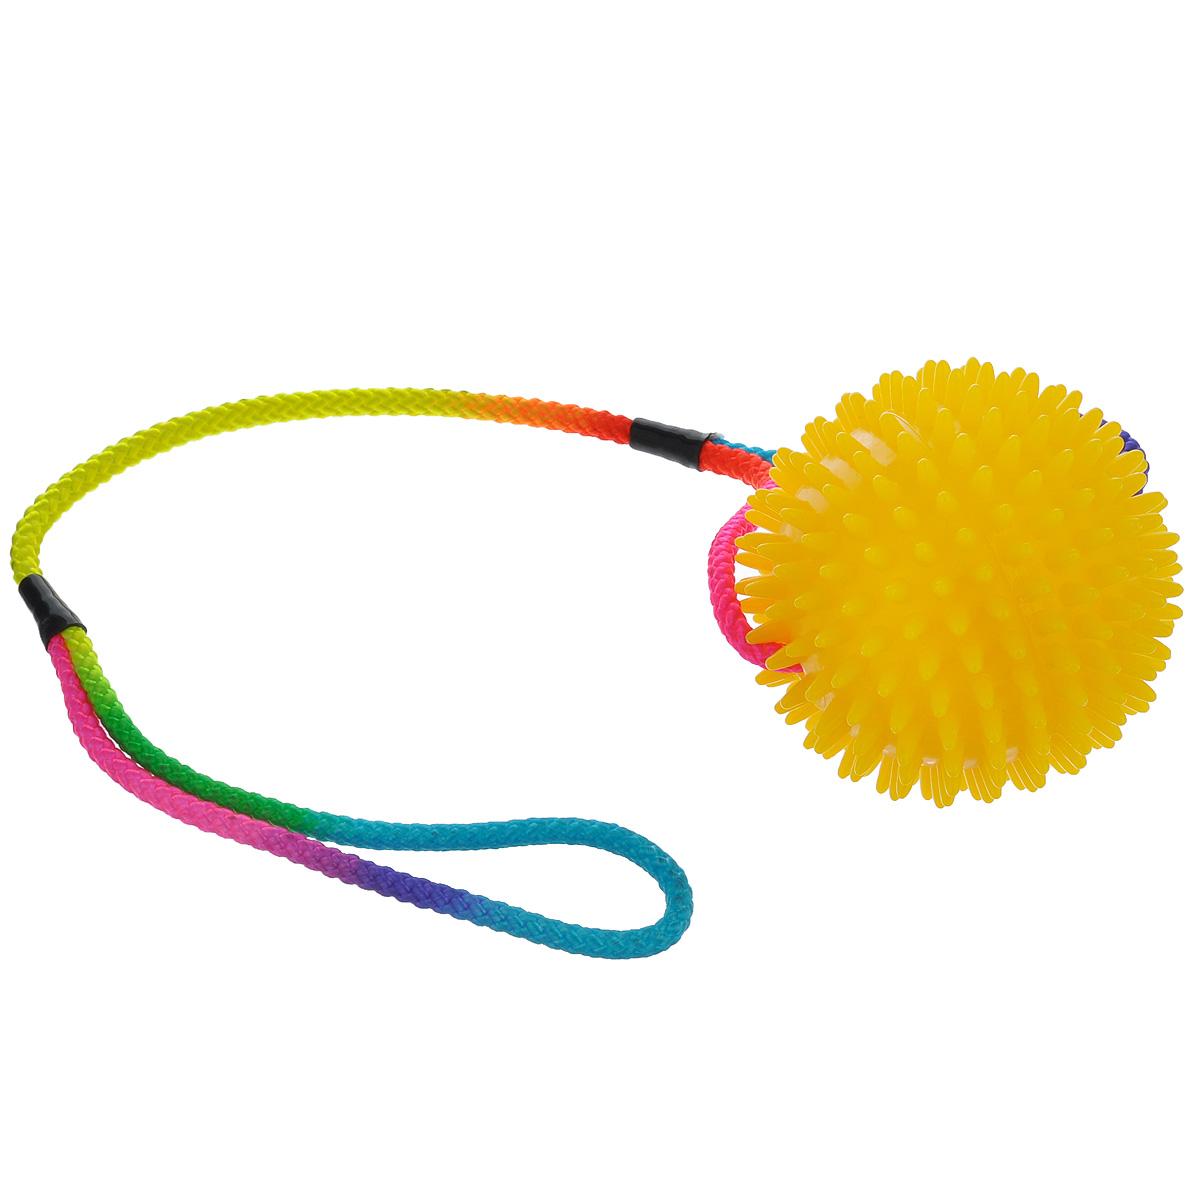 Игрушка для собак V.I.Pet Массажный мяч, на шнуре, цвет: желтый, диаметр 10 см0120710Игрушка для собак V.I.Pet Массажный мяч, изготовленная из ПВХ, предназначена для массажа и самомассажа рефлексогенных зон. Она имеет мягкие закругленные массажные шипы, эффективно массирующие и не травмирующие кожу. Сквозь мяч продет шнур.Игрушка не позволит скучать вашему питомцу ни дома, ни на улице.Диаметр: 10 см.Длина шнура: 50 см.